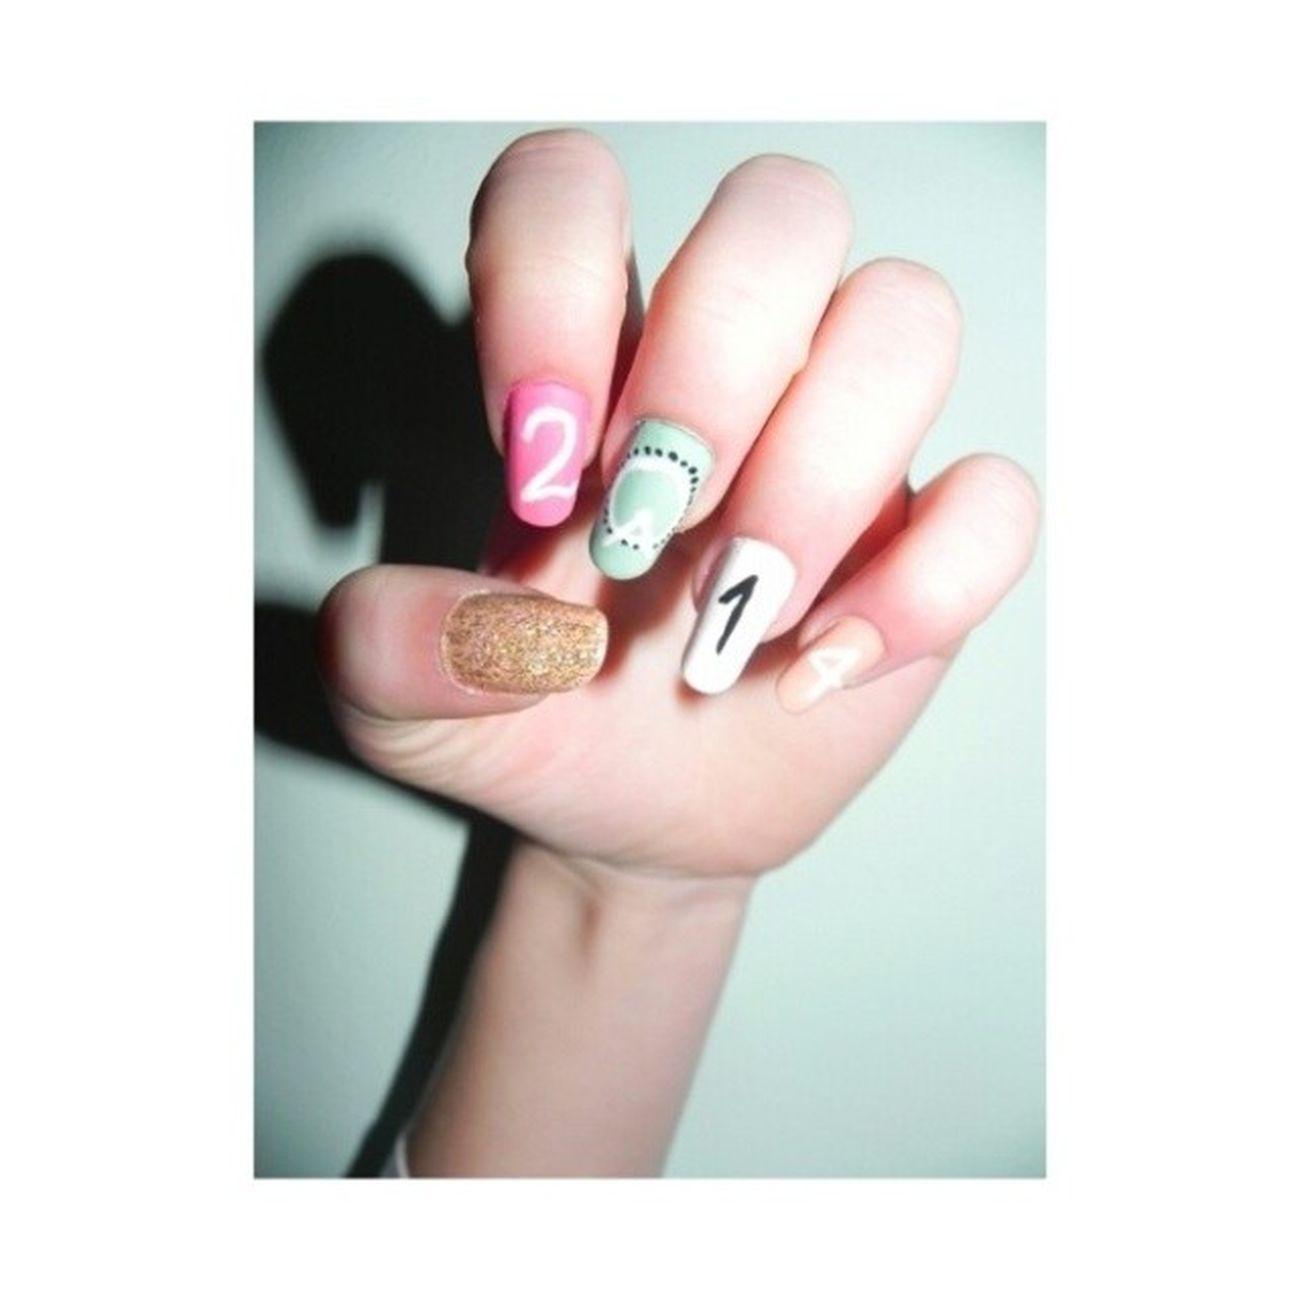 Moje Noworoczne Sylwestrowe Nailsy paznokcieHappyNewYear2014shinypinkmintwhiteblacknailpolish